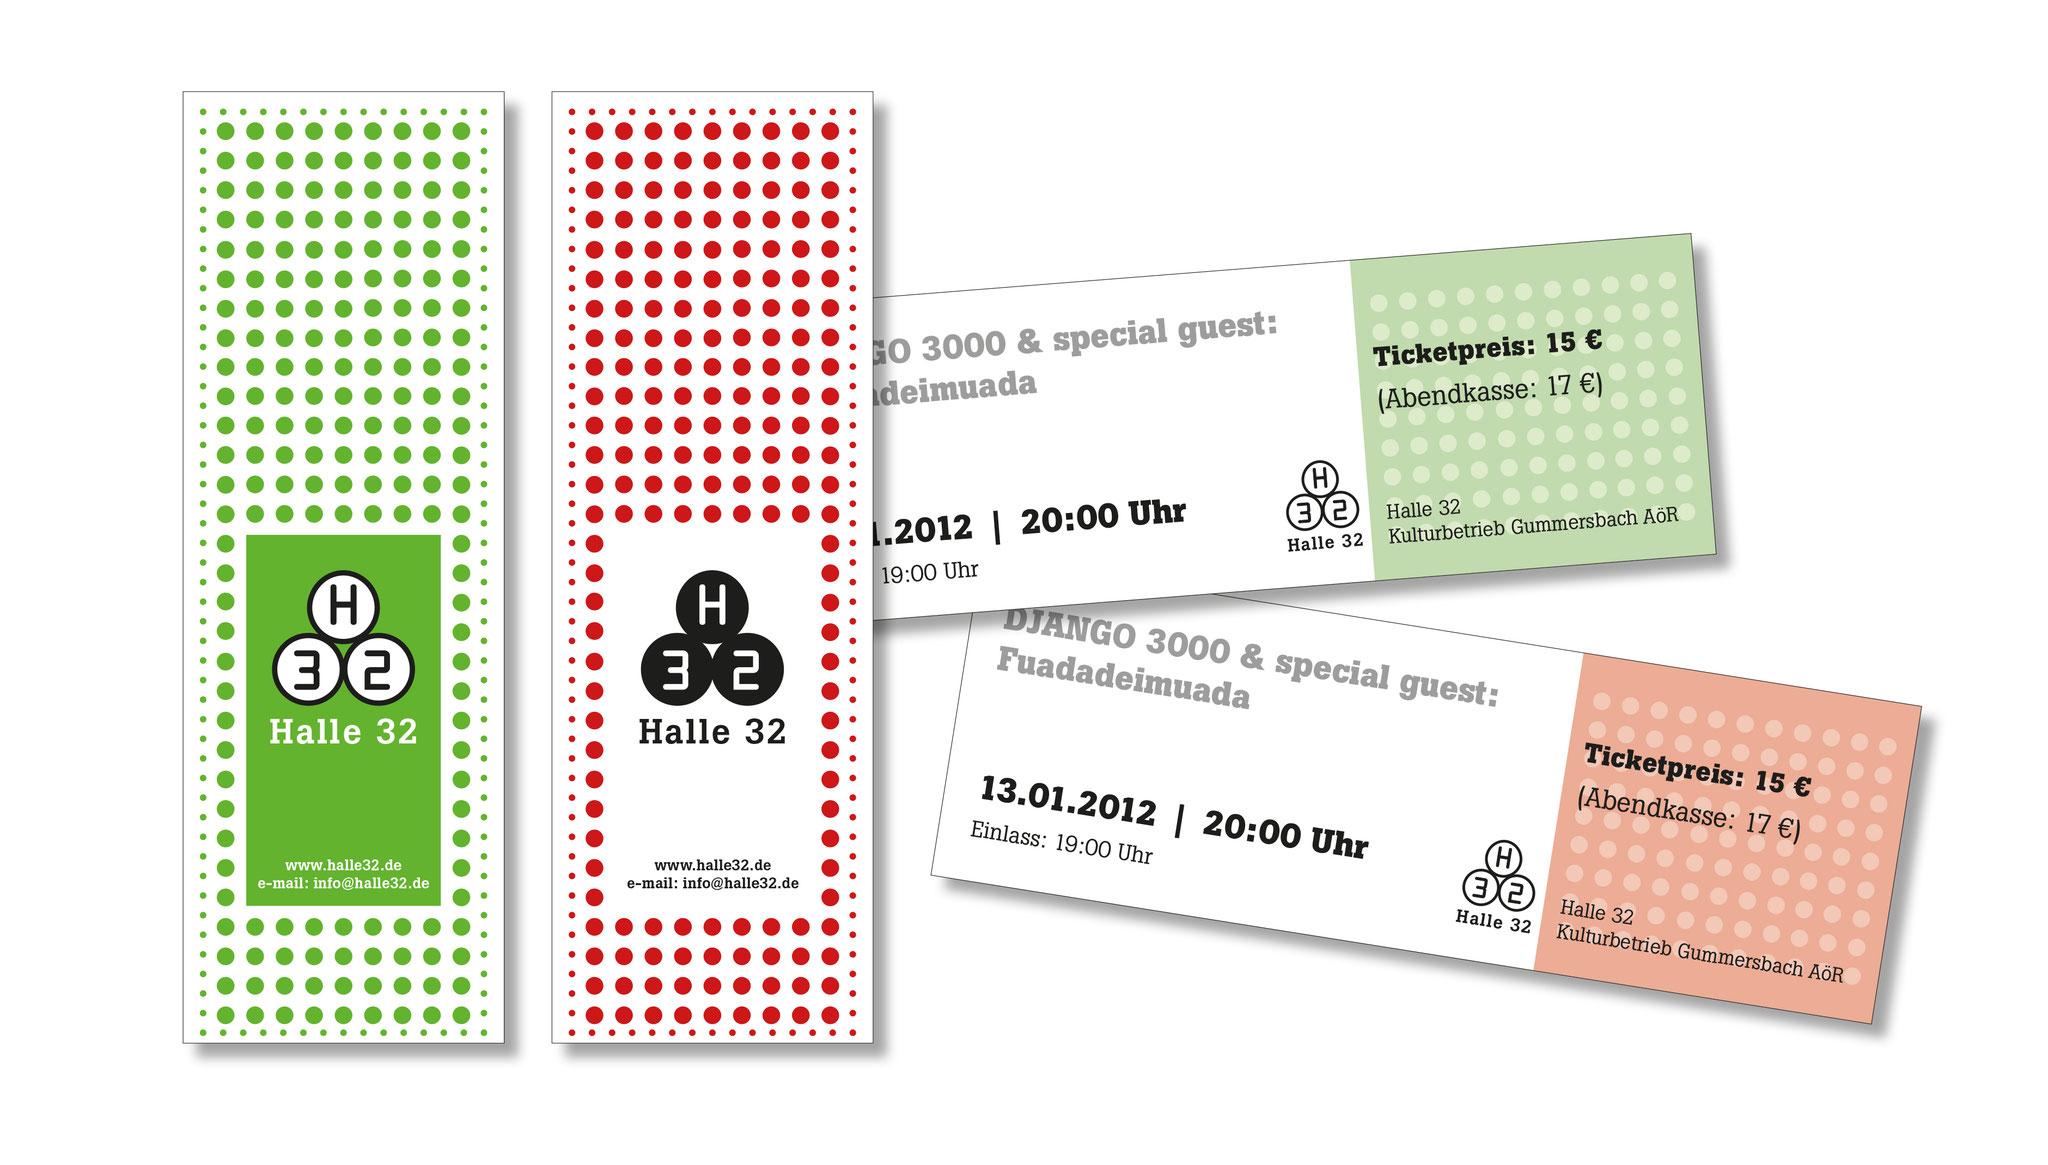 Eintrittskarten-Entwürfe